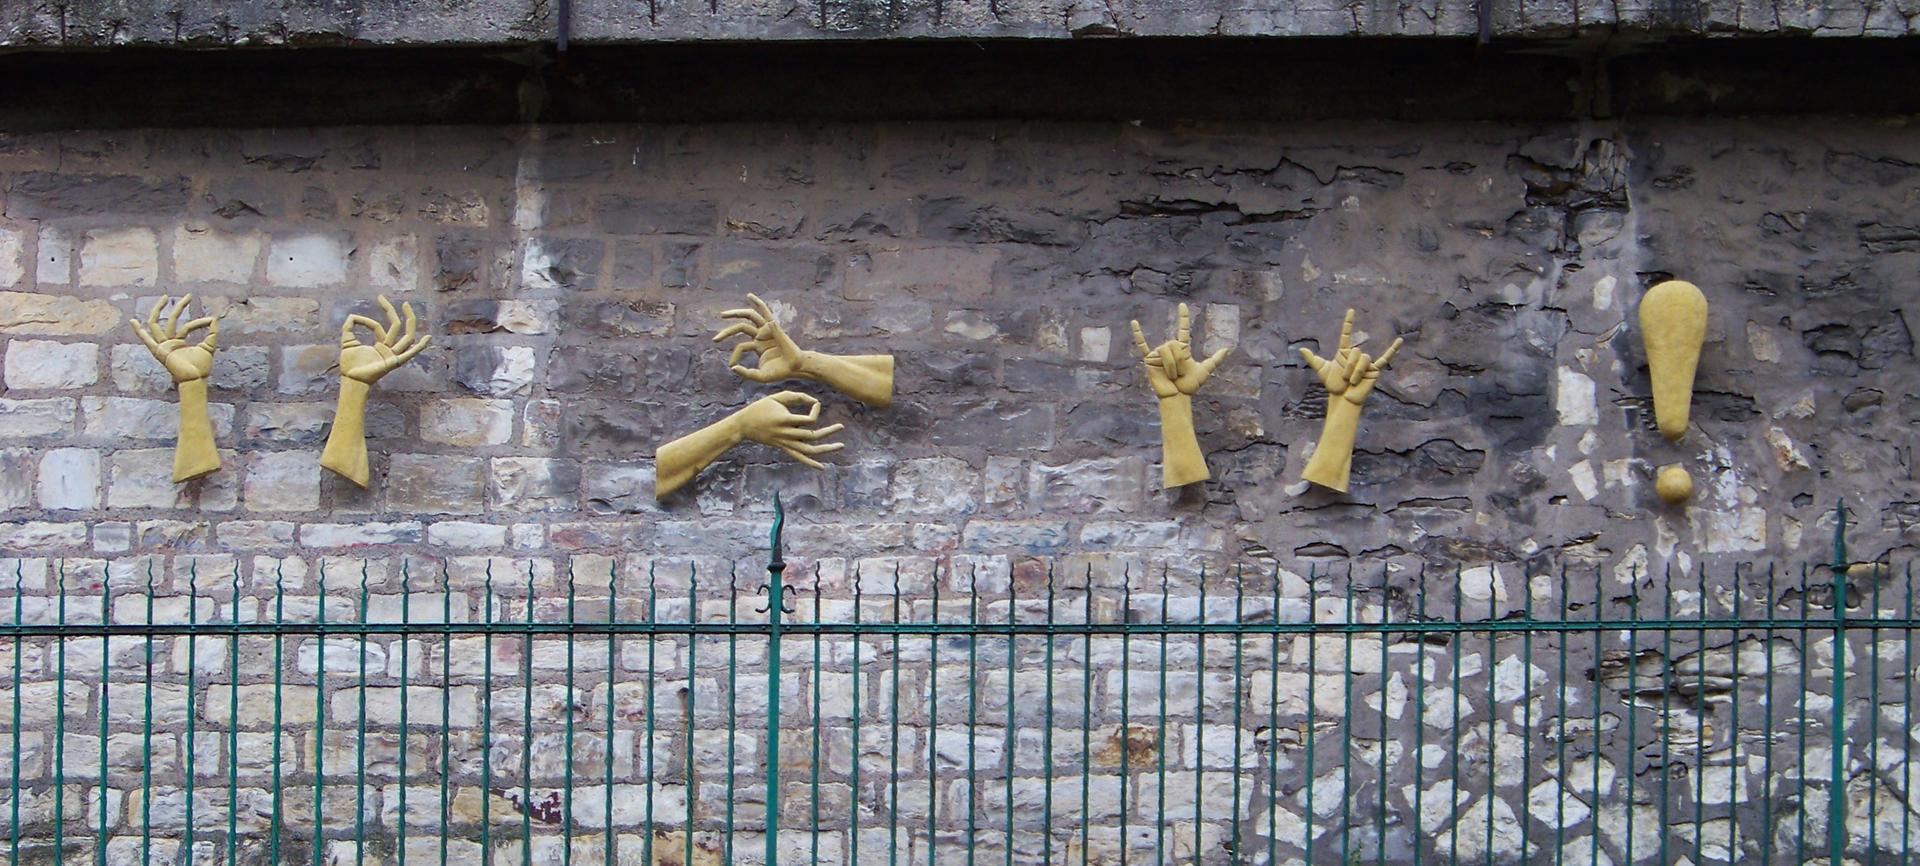 Rzeźba przedstawia dłonie, które gestami migowymi przedtawiają tytułową senstecję. Rzeźba znajduje się na murze szkoły dla niesłyszących w Pradze.